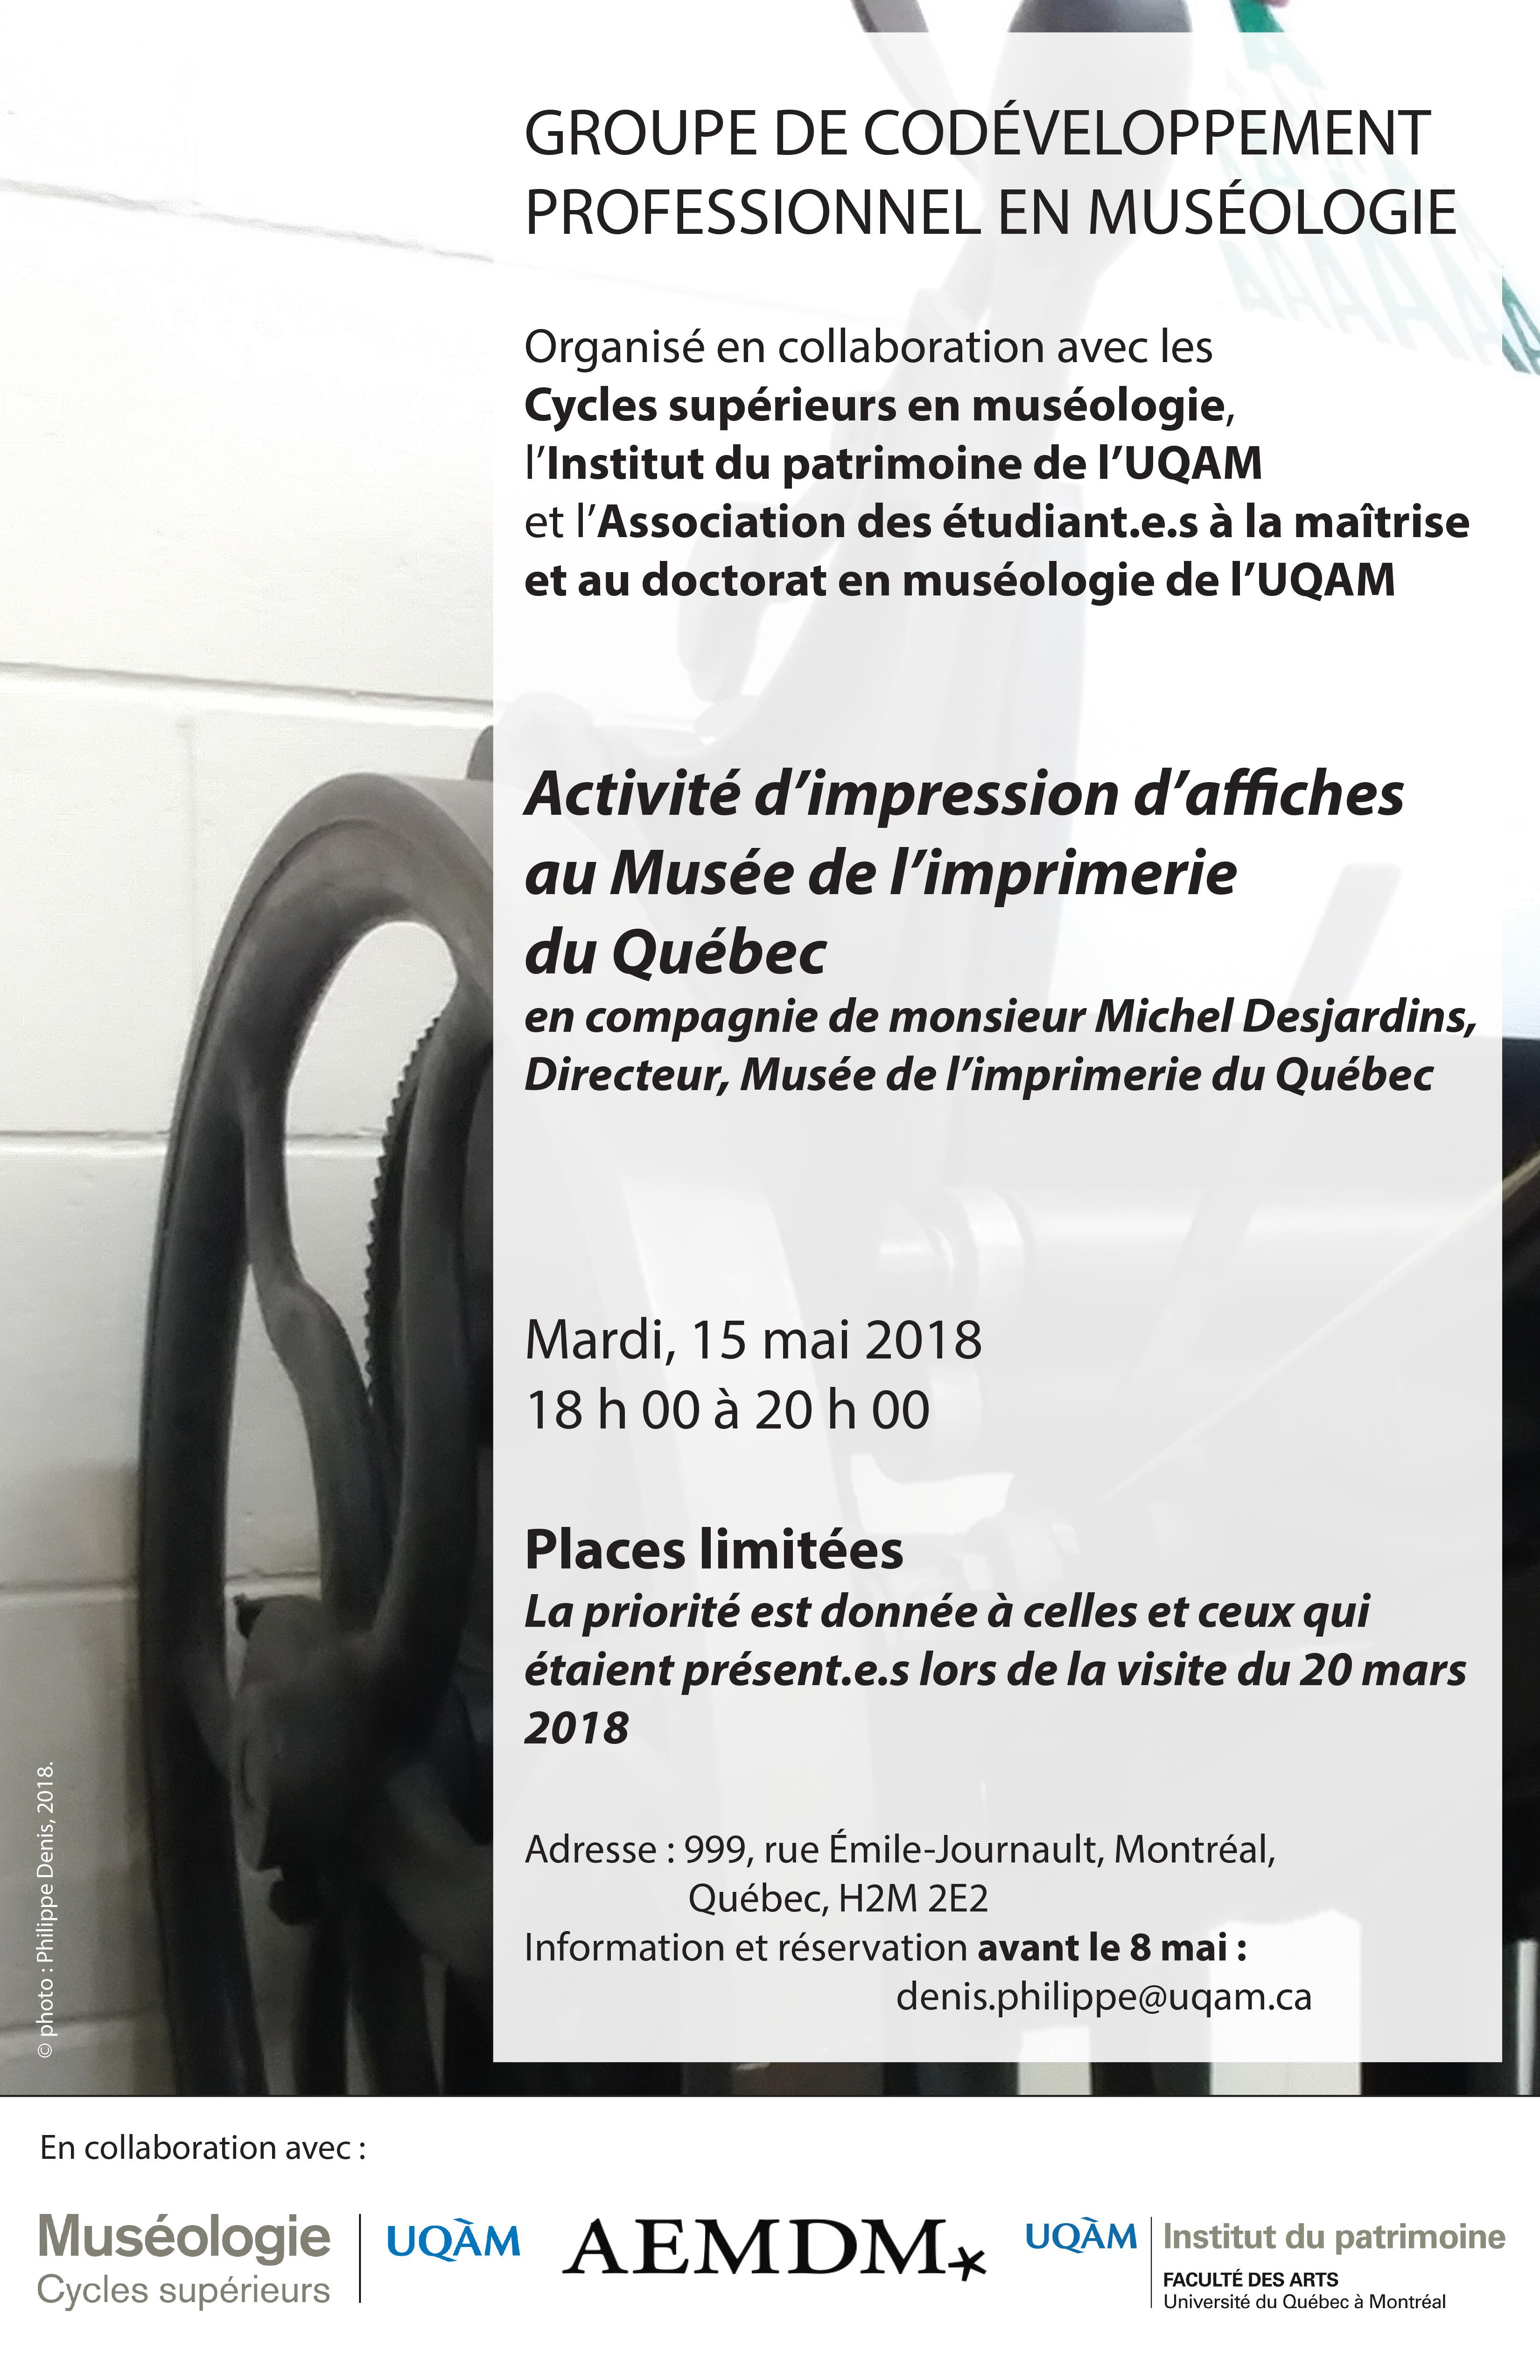 Groupe de codéveloppement en muséologie / Activité d'impression au Musée de l'imprimerie du Québec